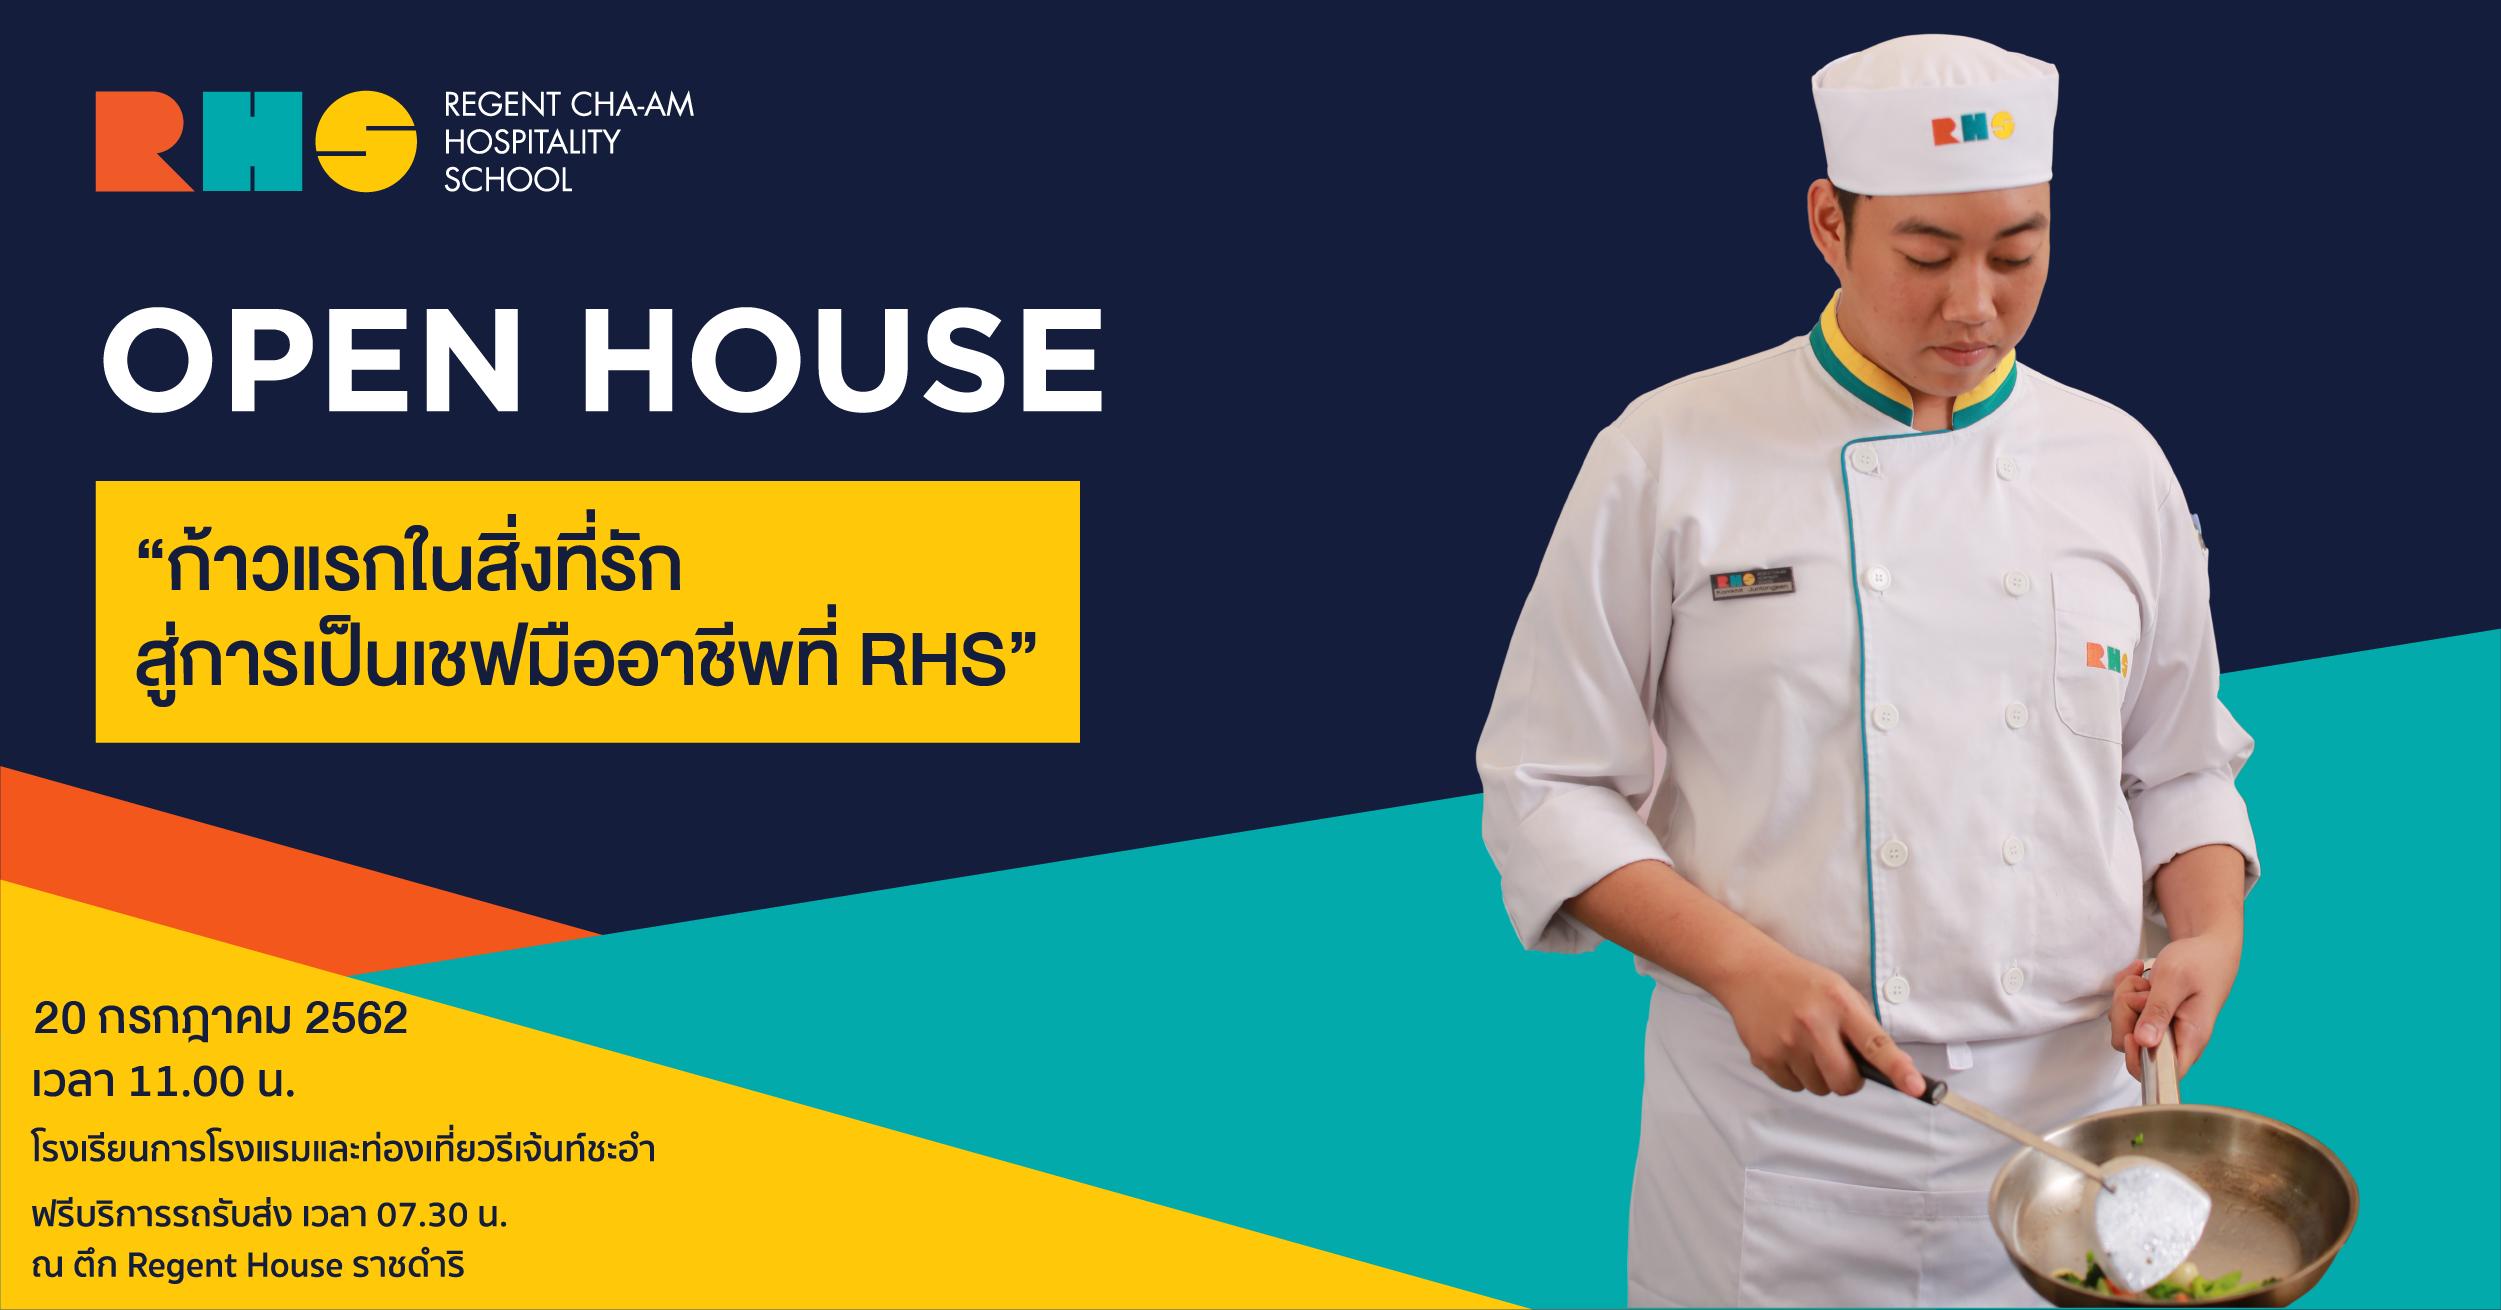 """ลงทะเบียนร่วมงานฟรี Open House """"ก้าวแรกในสิ่งที่รัก สู่การเป็นเชฟมืออาชีพที่ RHS"""" 20 กรกฎาคม 2562"""